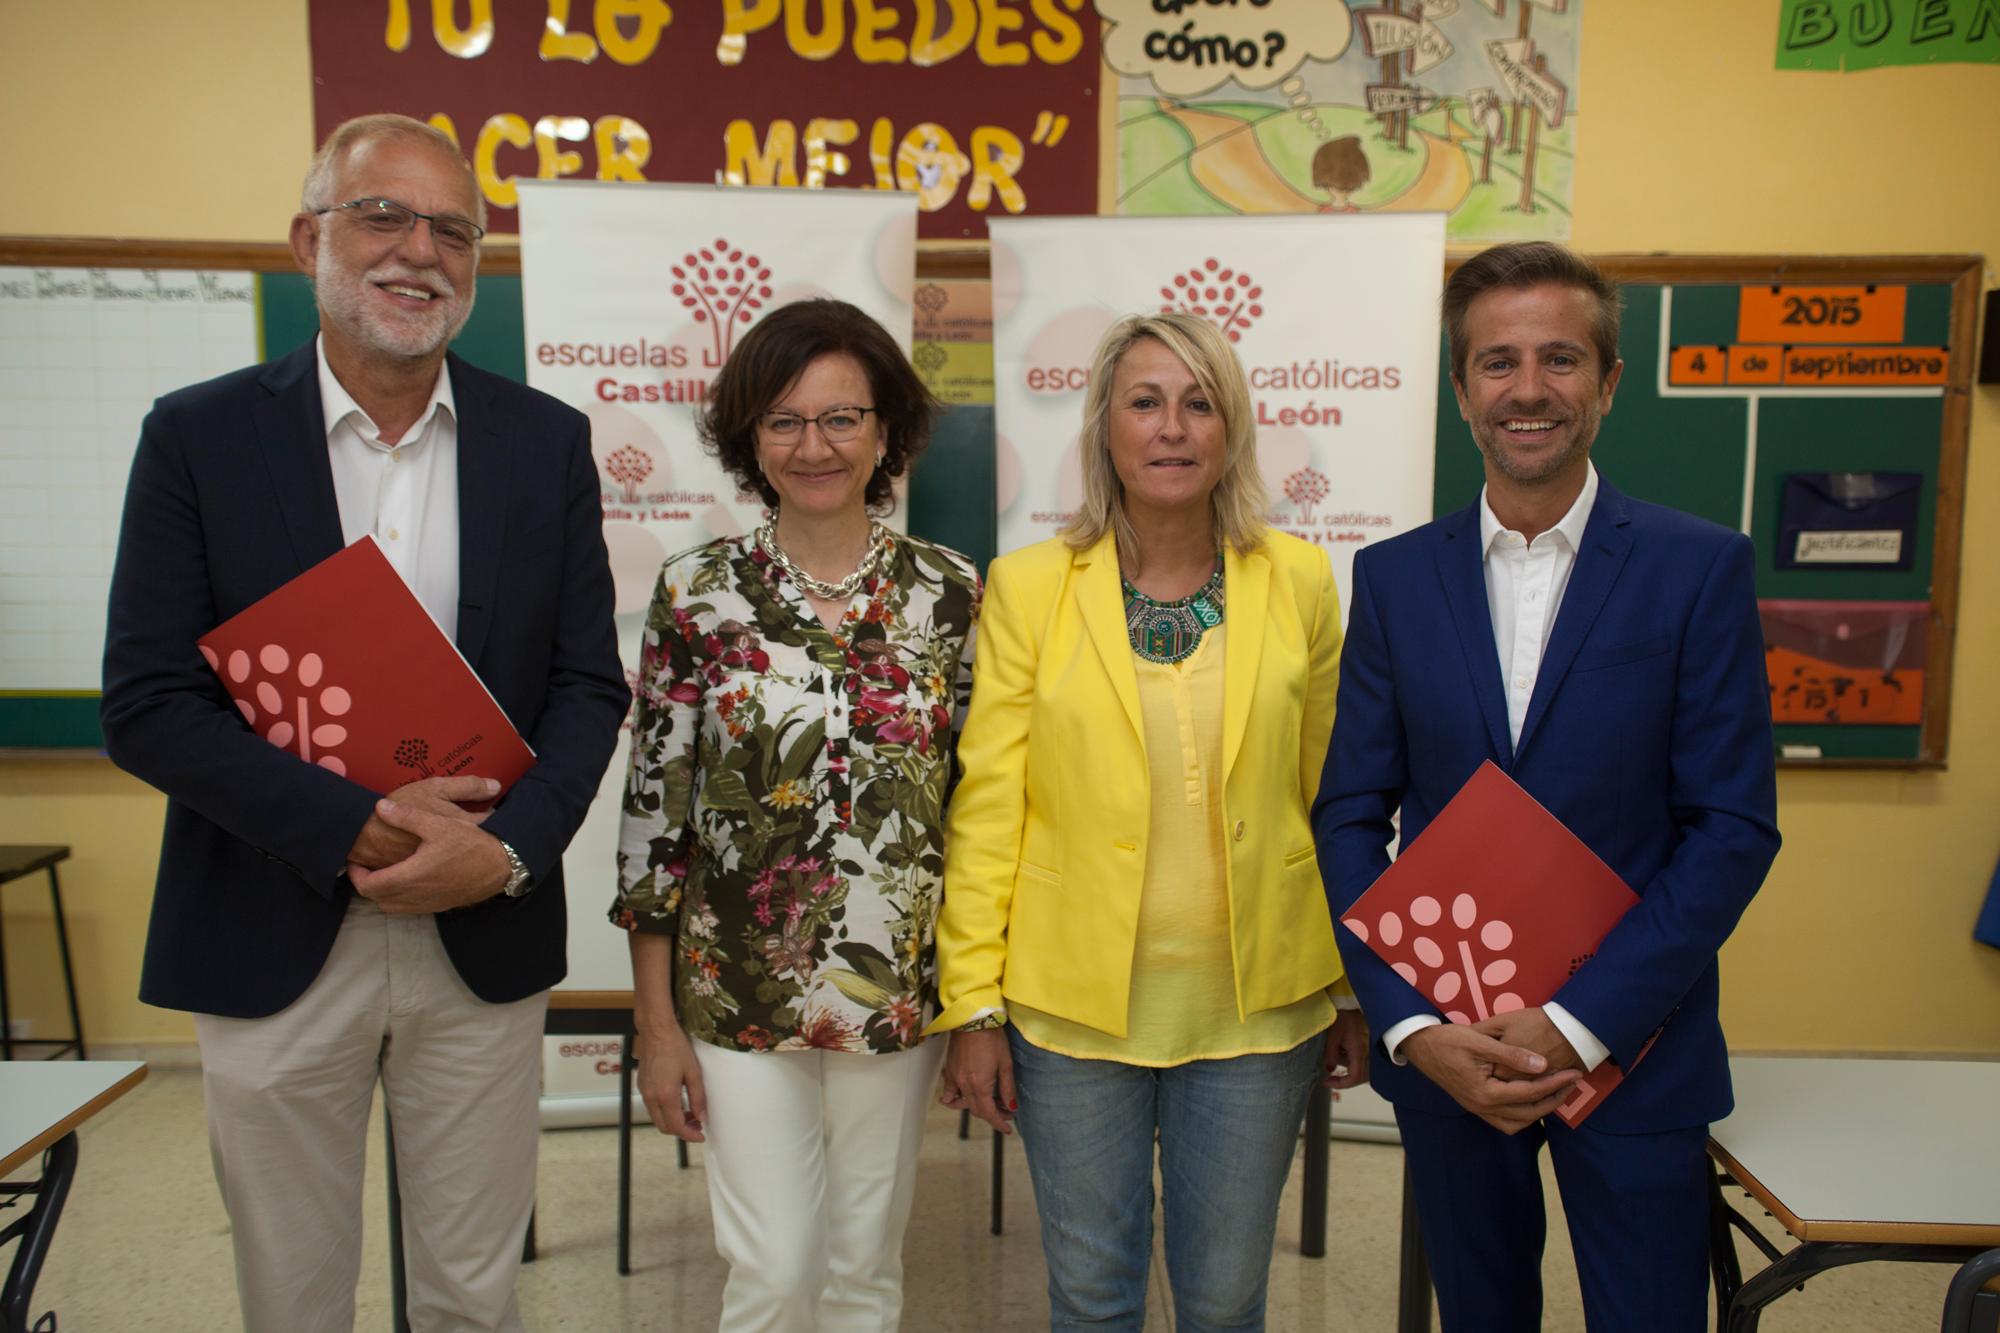 Escuelas Católicas Castilla y León presentación curso 2015-2016